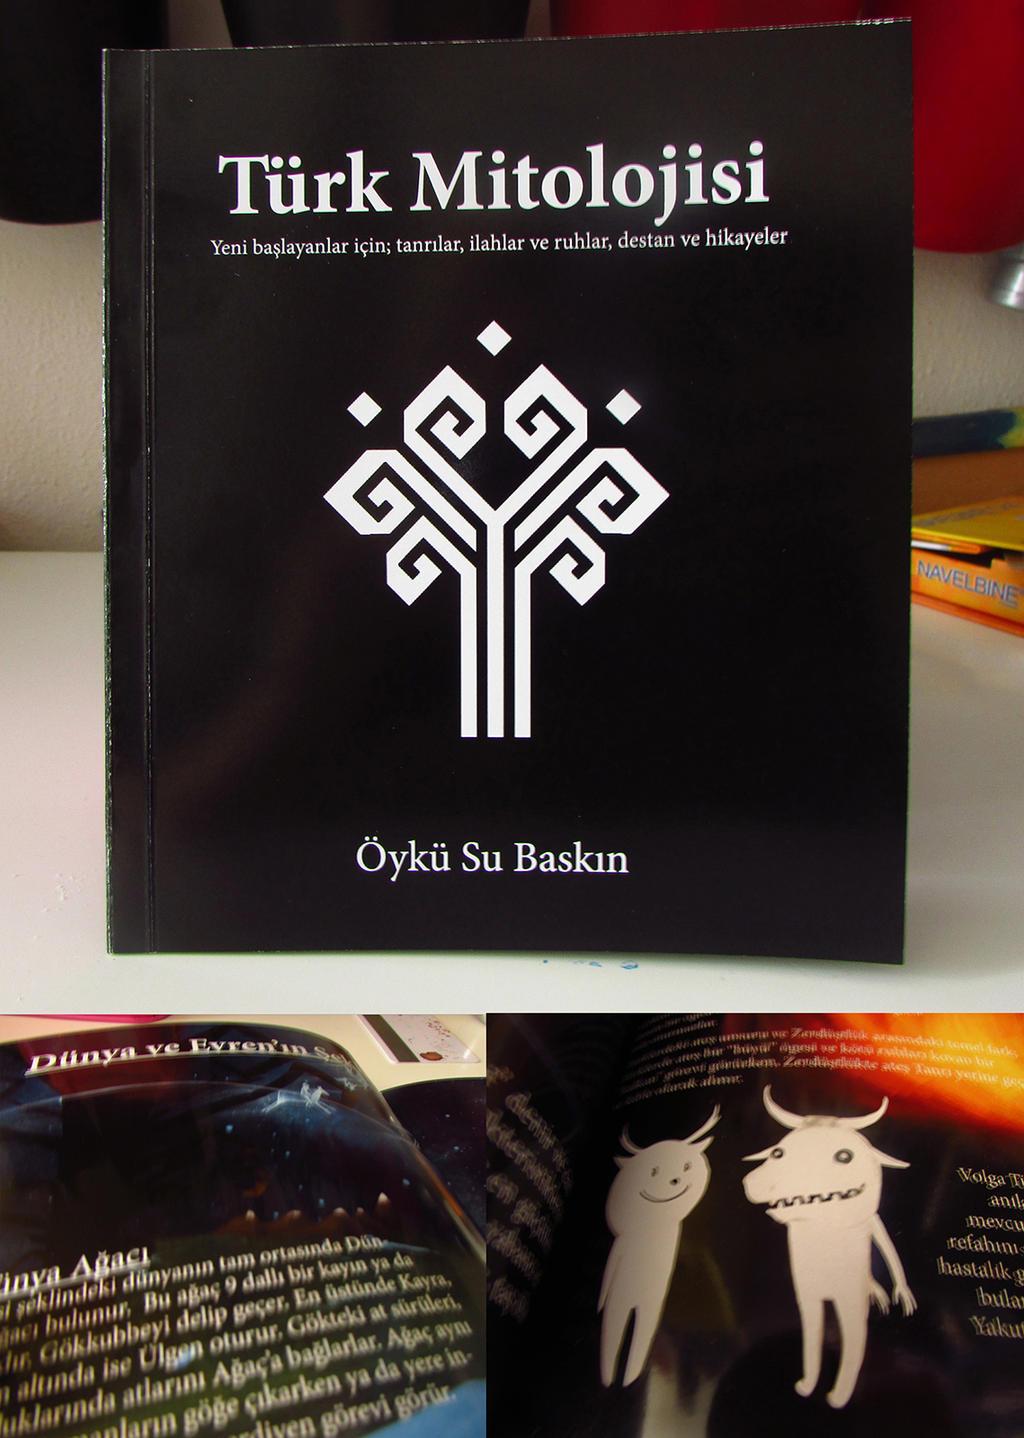 Bookstff by Unistonen